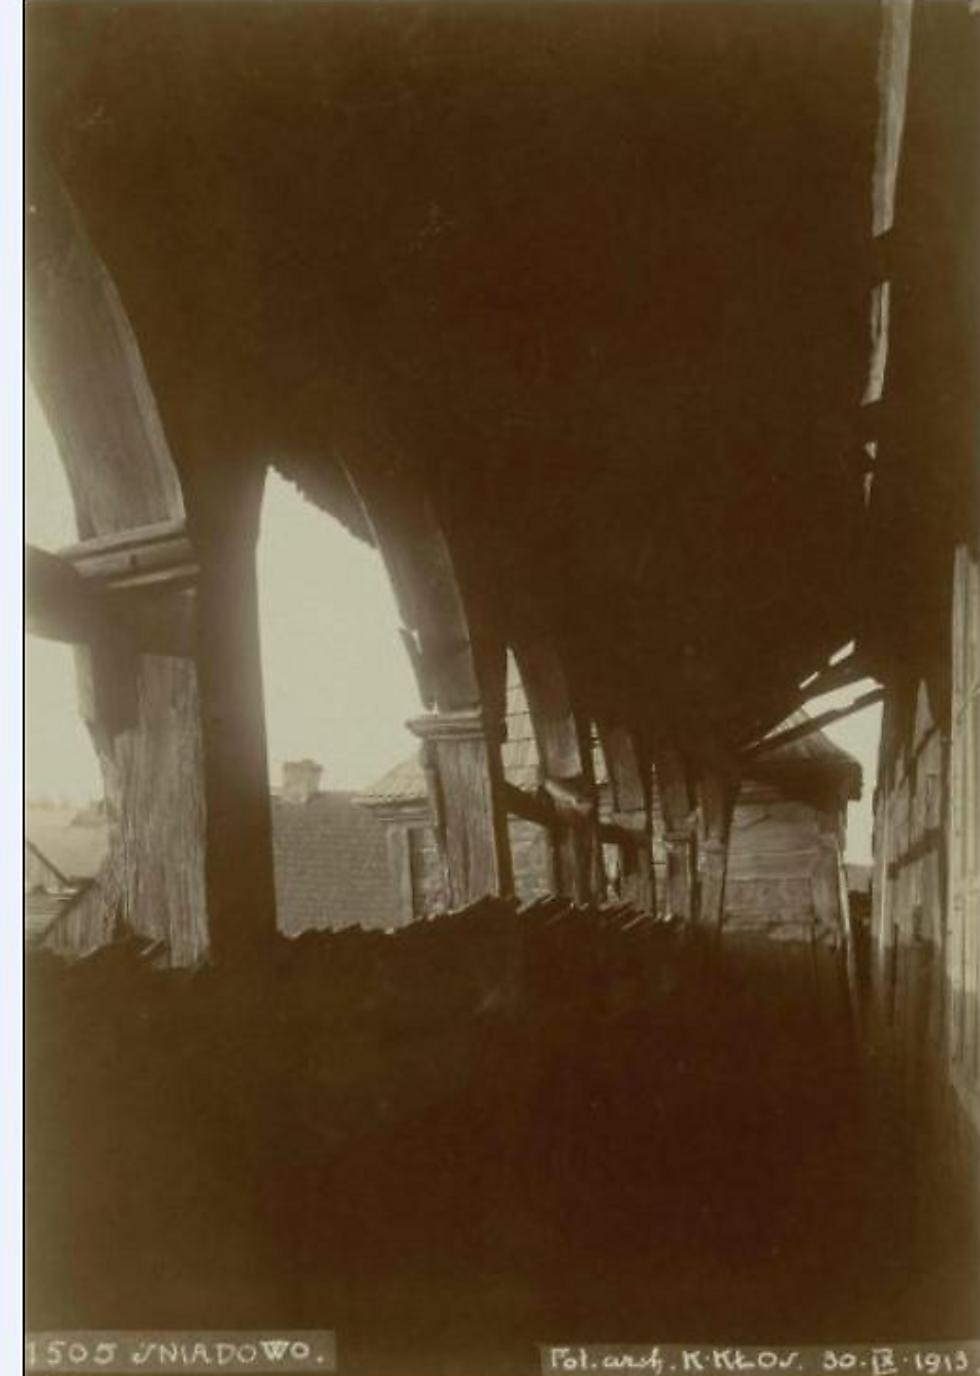 מרפסת עזרת הנשים (צילום: ארכיון שמואל אברהם פוזננסקי, הספרייה הלאומית)